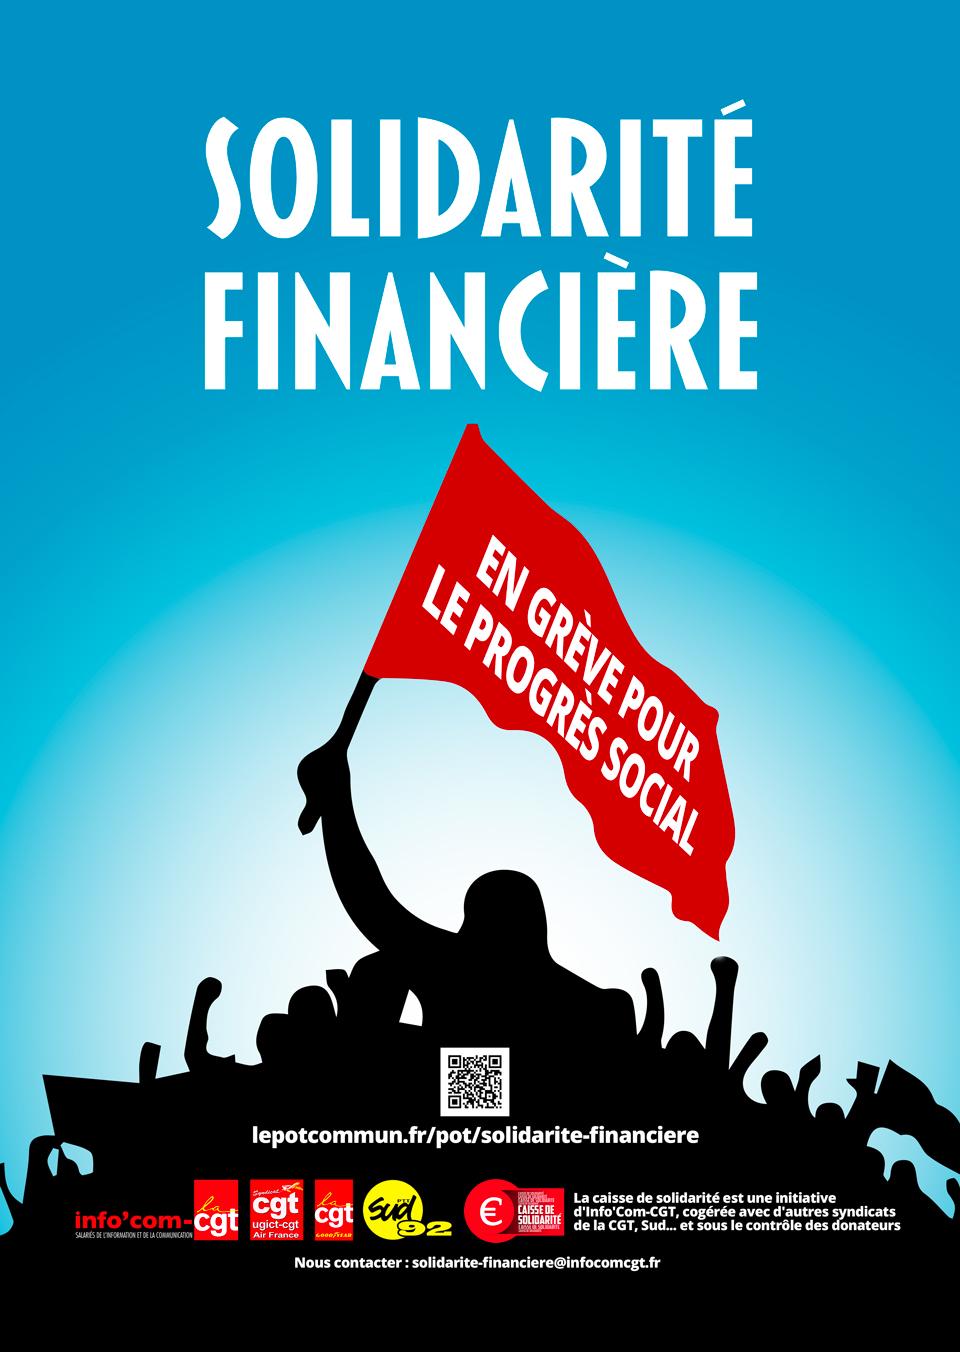 938. Solidarité financière grévistes SNCF